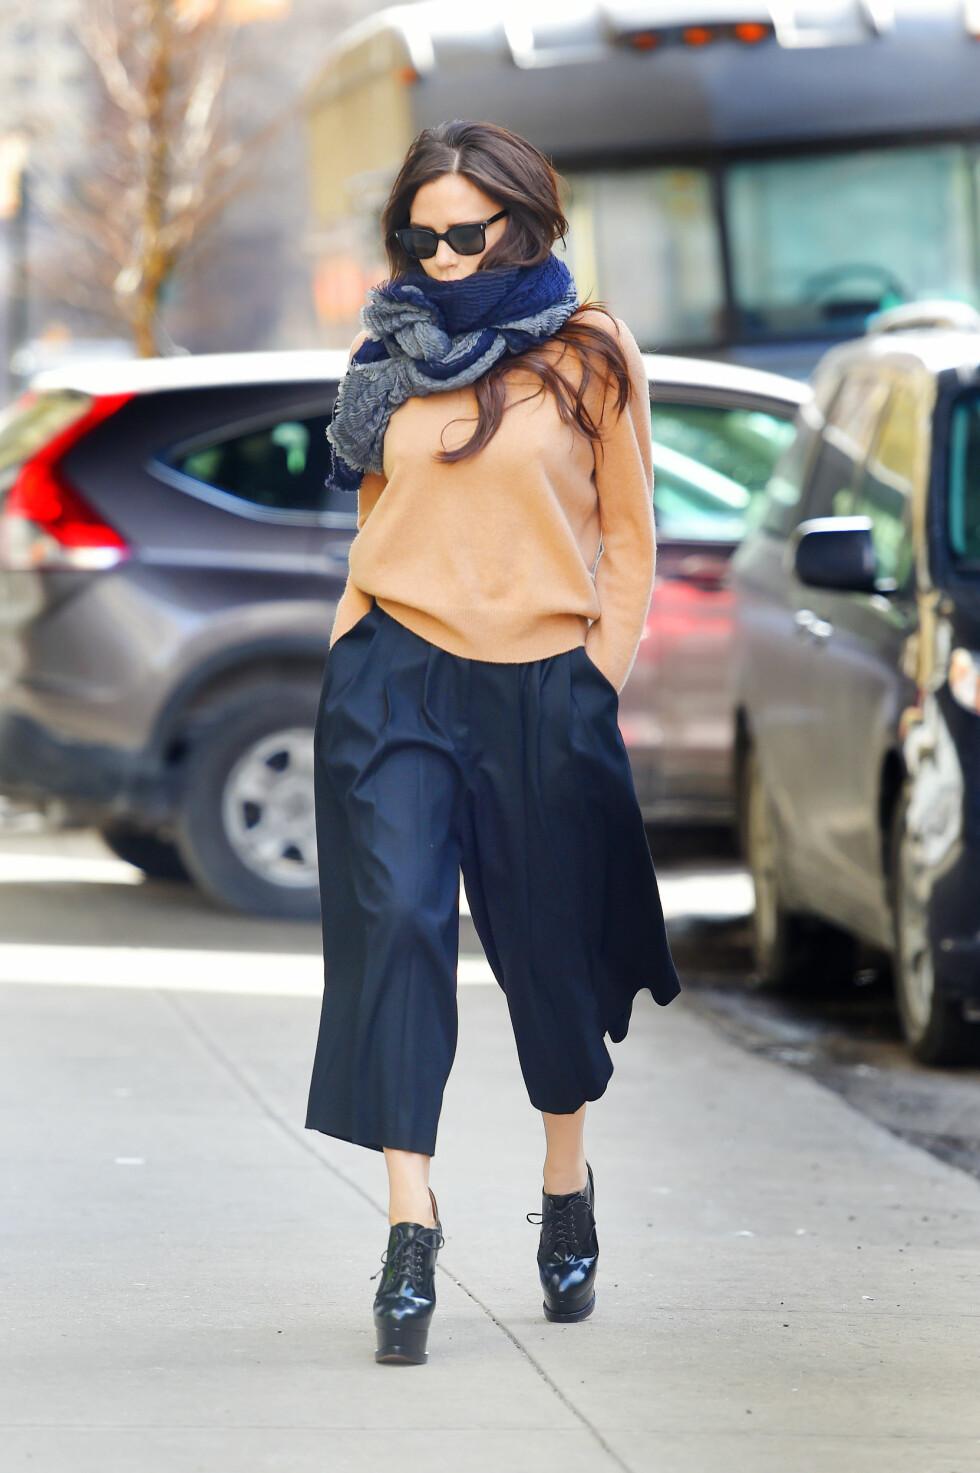 HÆLER I ALL SLAGS VÆR: I midten av februar i år viste Victoria Beckham seg ute på Manhattan inntullet i et varmt skjerf - men med mindre varme, skyhøye lakkskoletter på føttene.  Foto: Buzzfoto.com